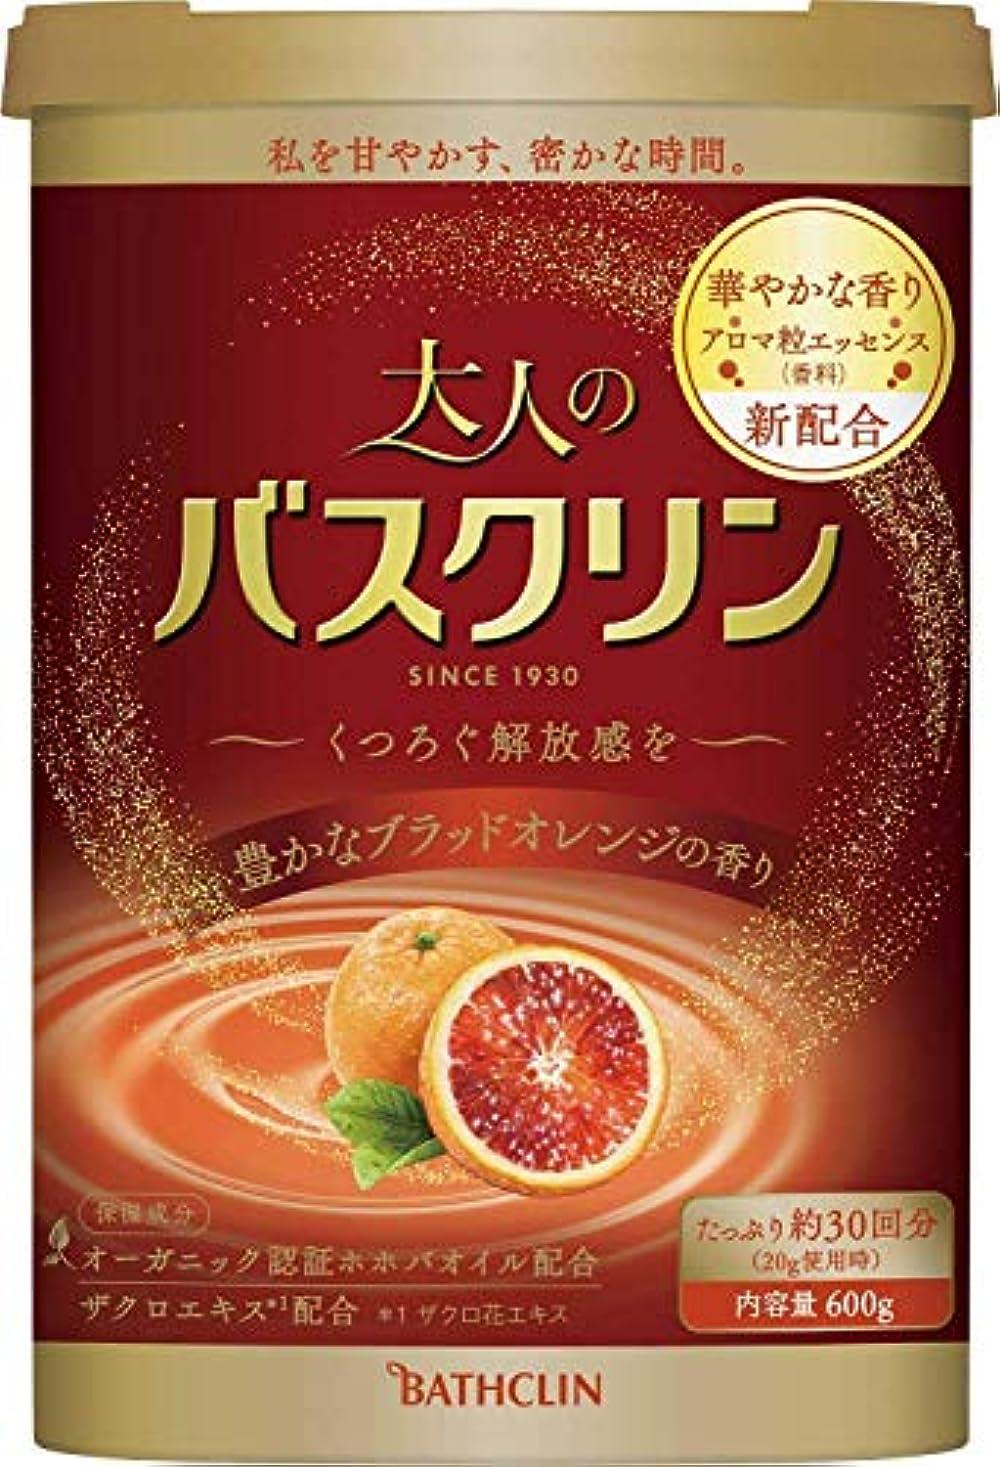 何でも足やりすぎ大人のバスクリン豊かなブラッドオレンジの香り600g入浴剤(約30回分)